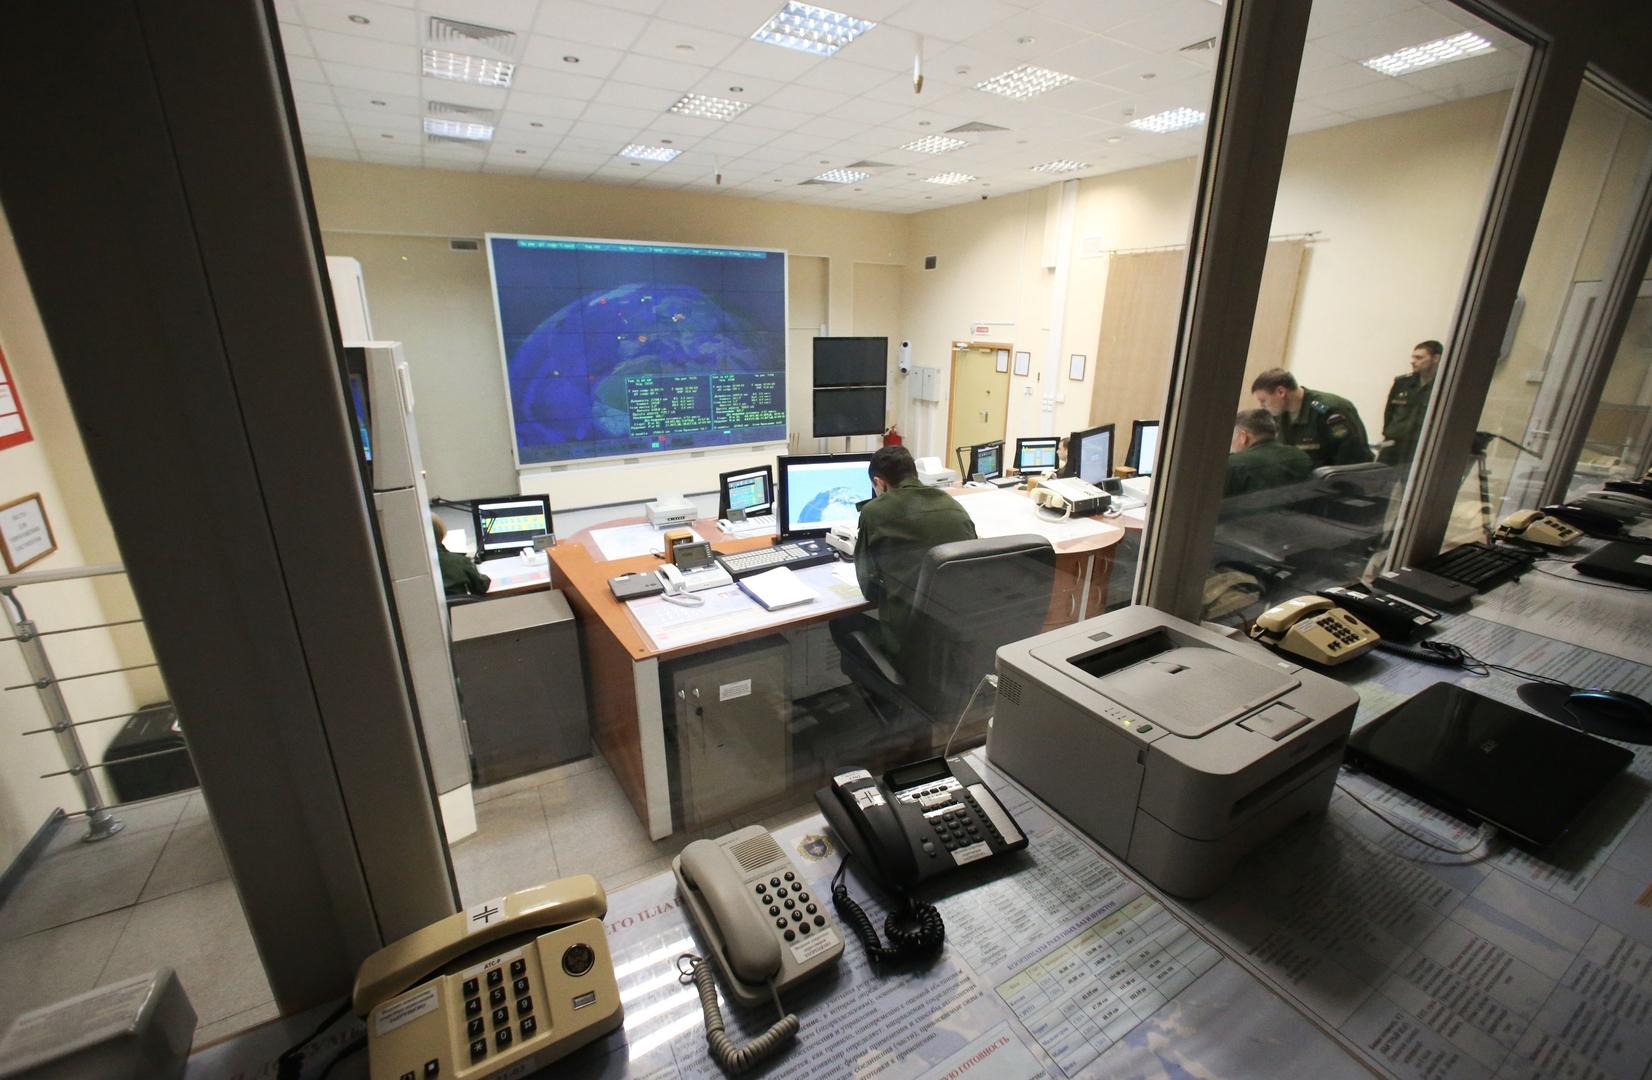 جنرال روسي: روسيا ستنشئ قريبا أحدث شبكة عسكرية لمراقبة الفضاء